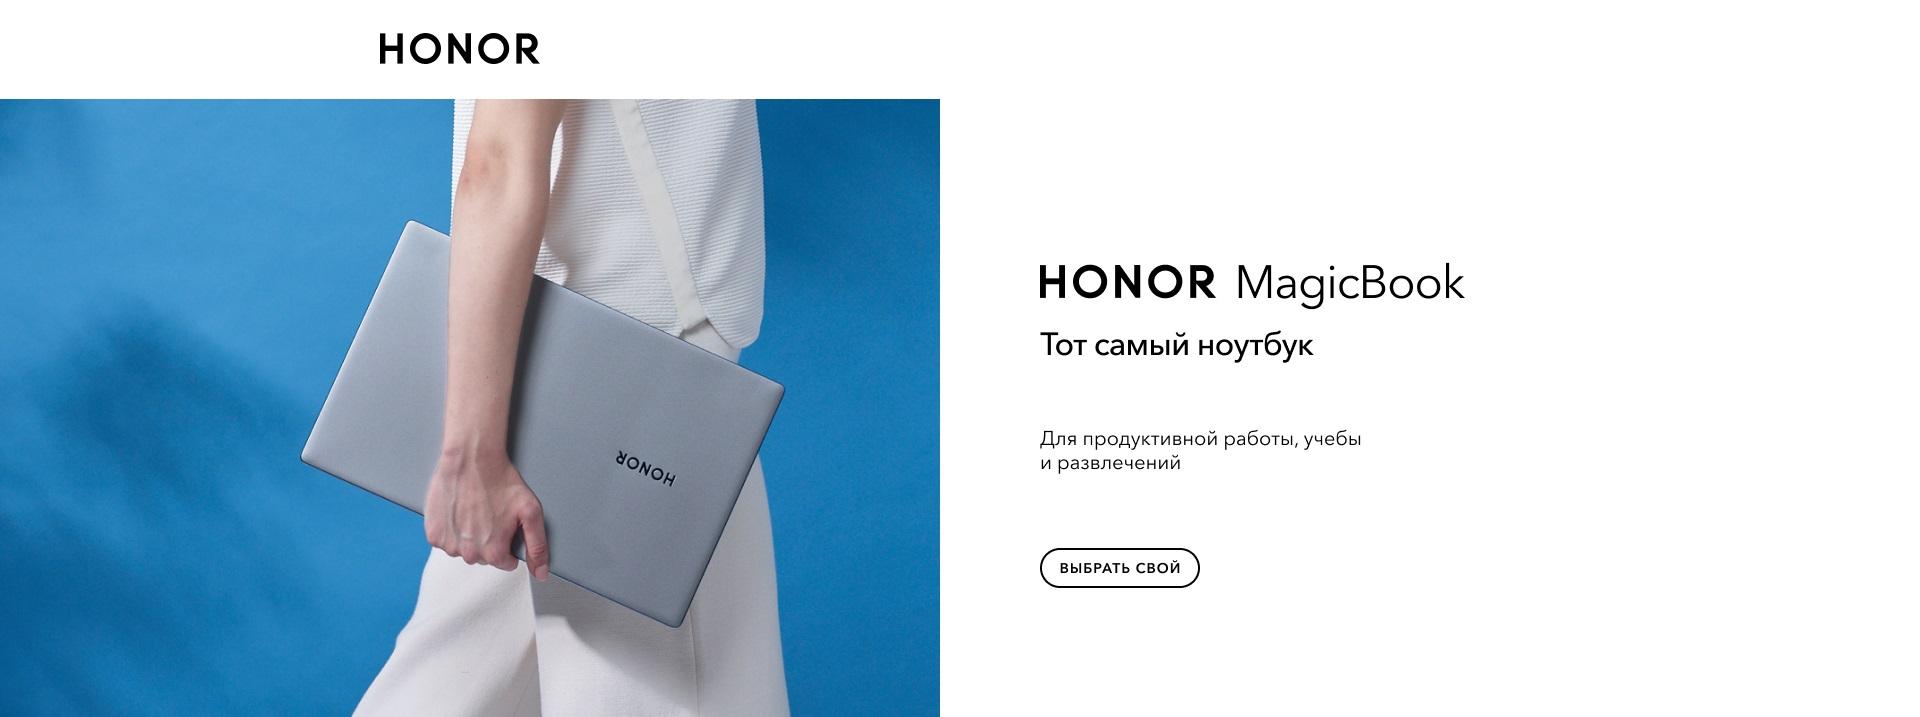 HONOR MagicBook. Тот самый ноутбук. Для продуктивной работы, учебы и развлечений.